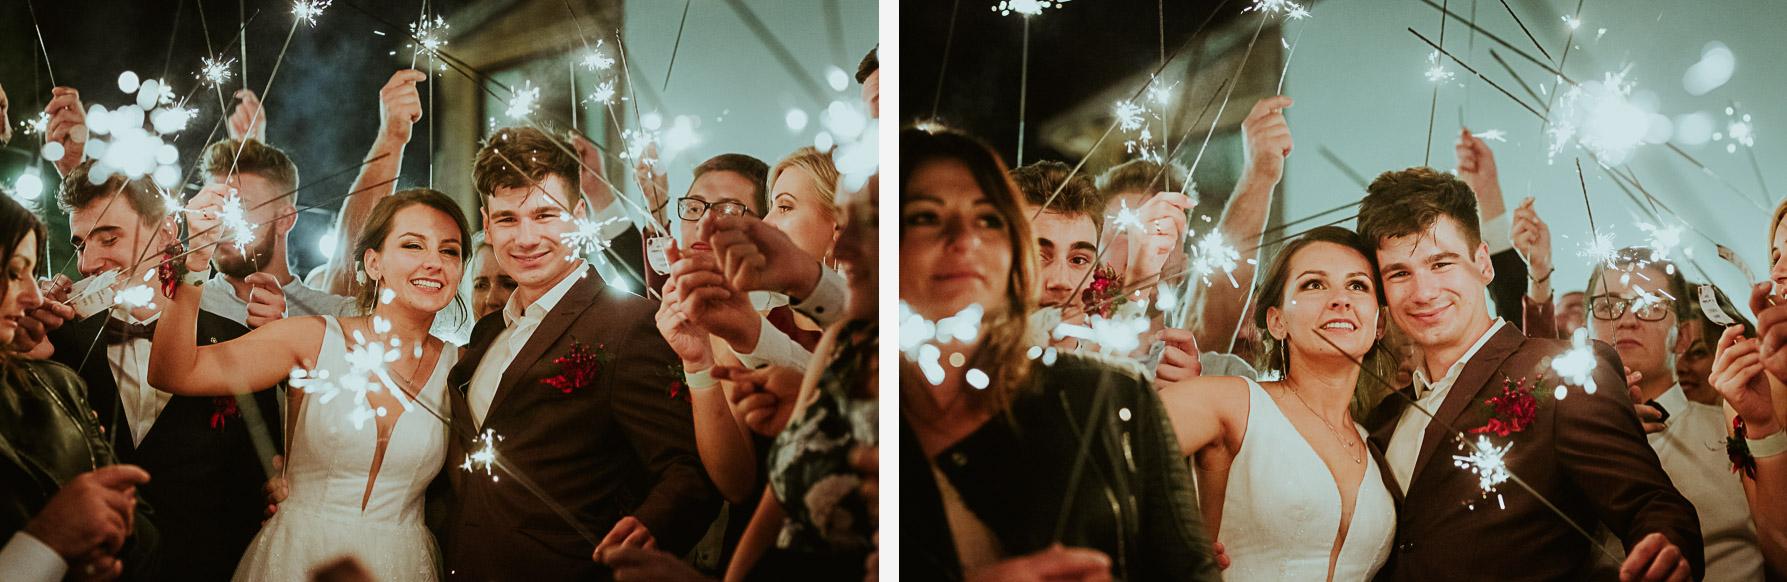 Zdjęcia Ślubne Cieszyn 139 a29a